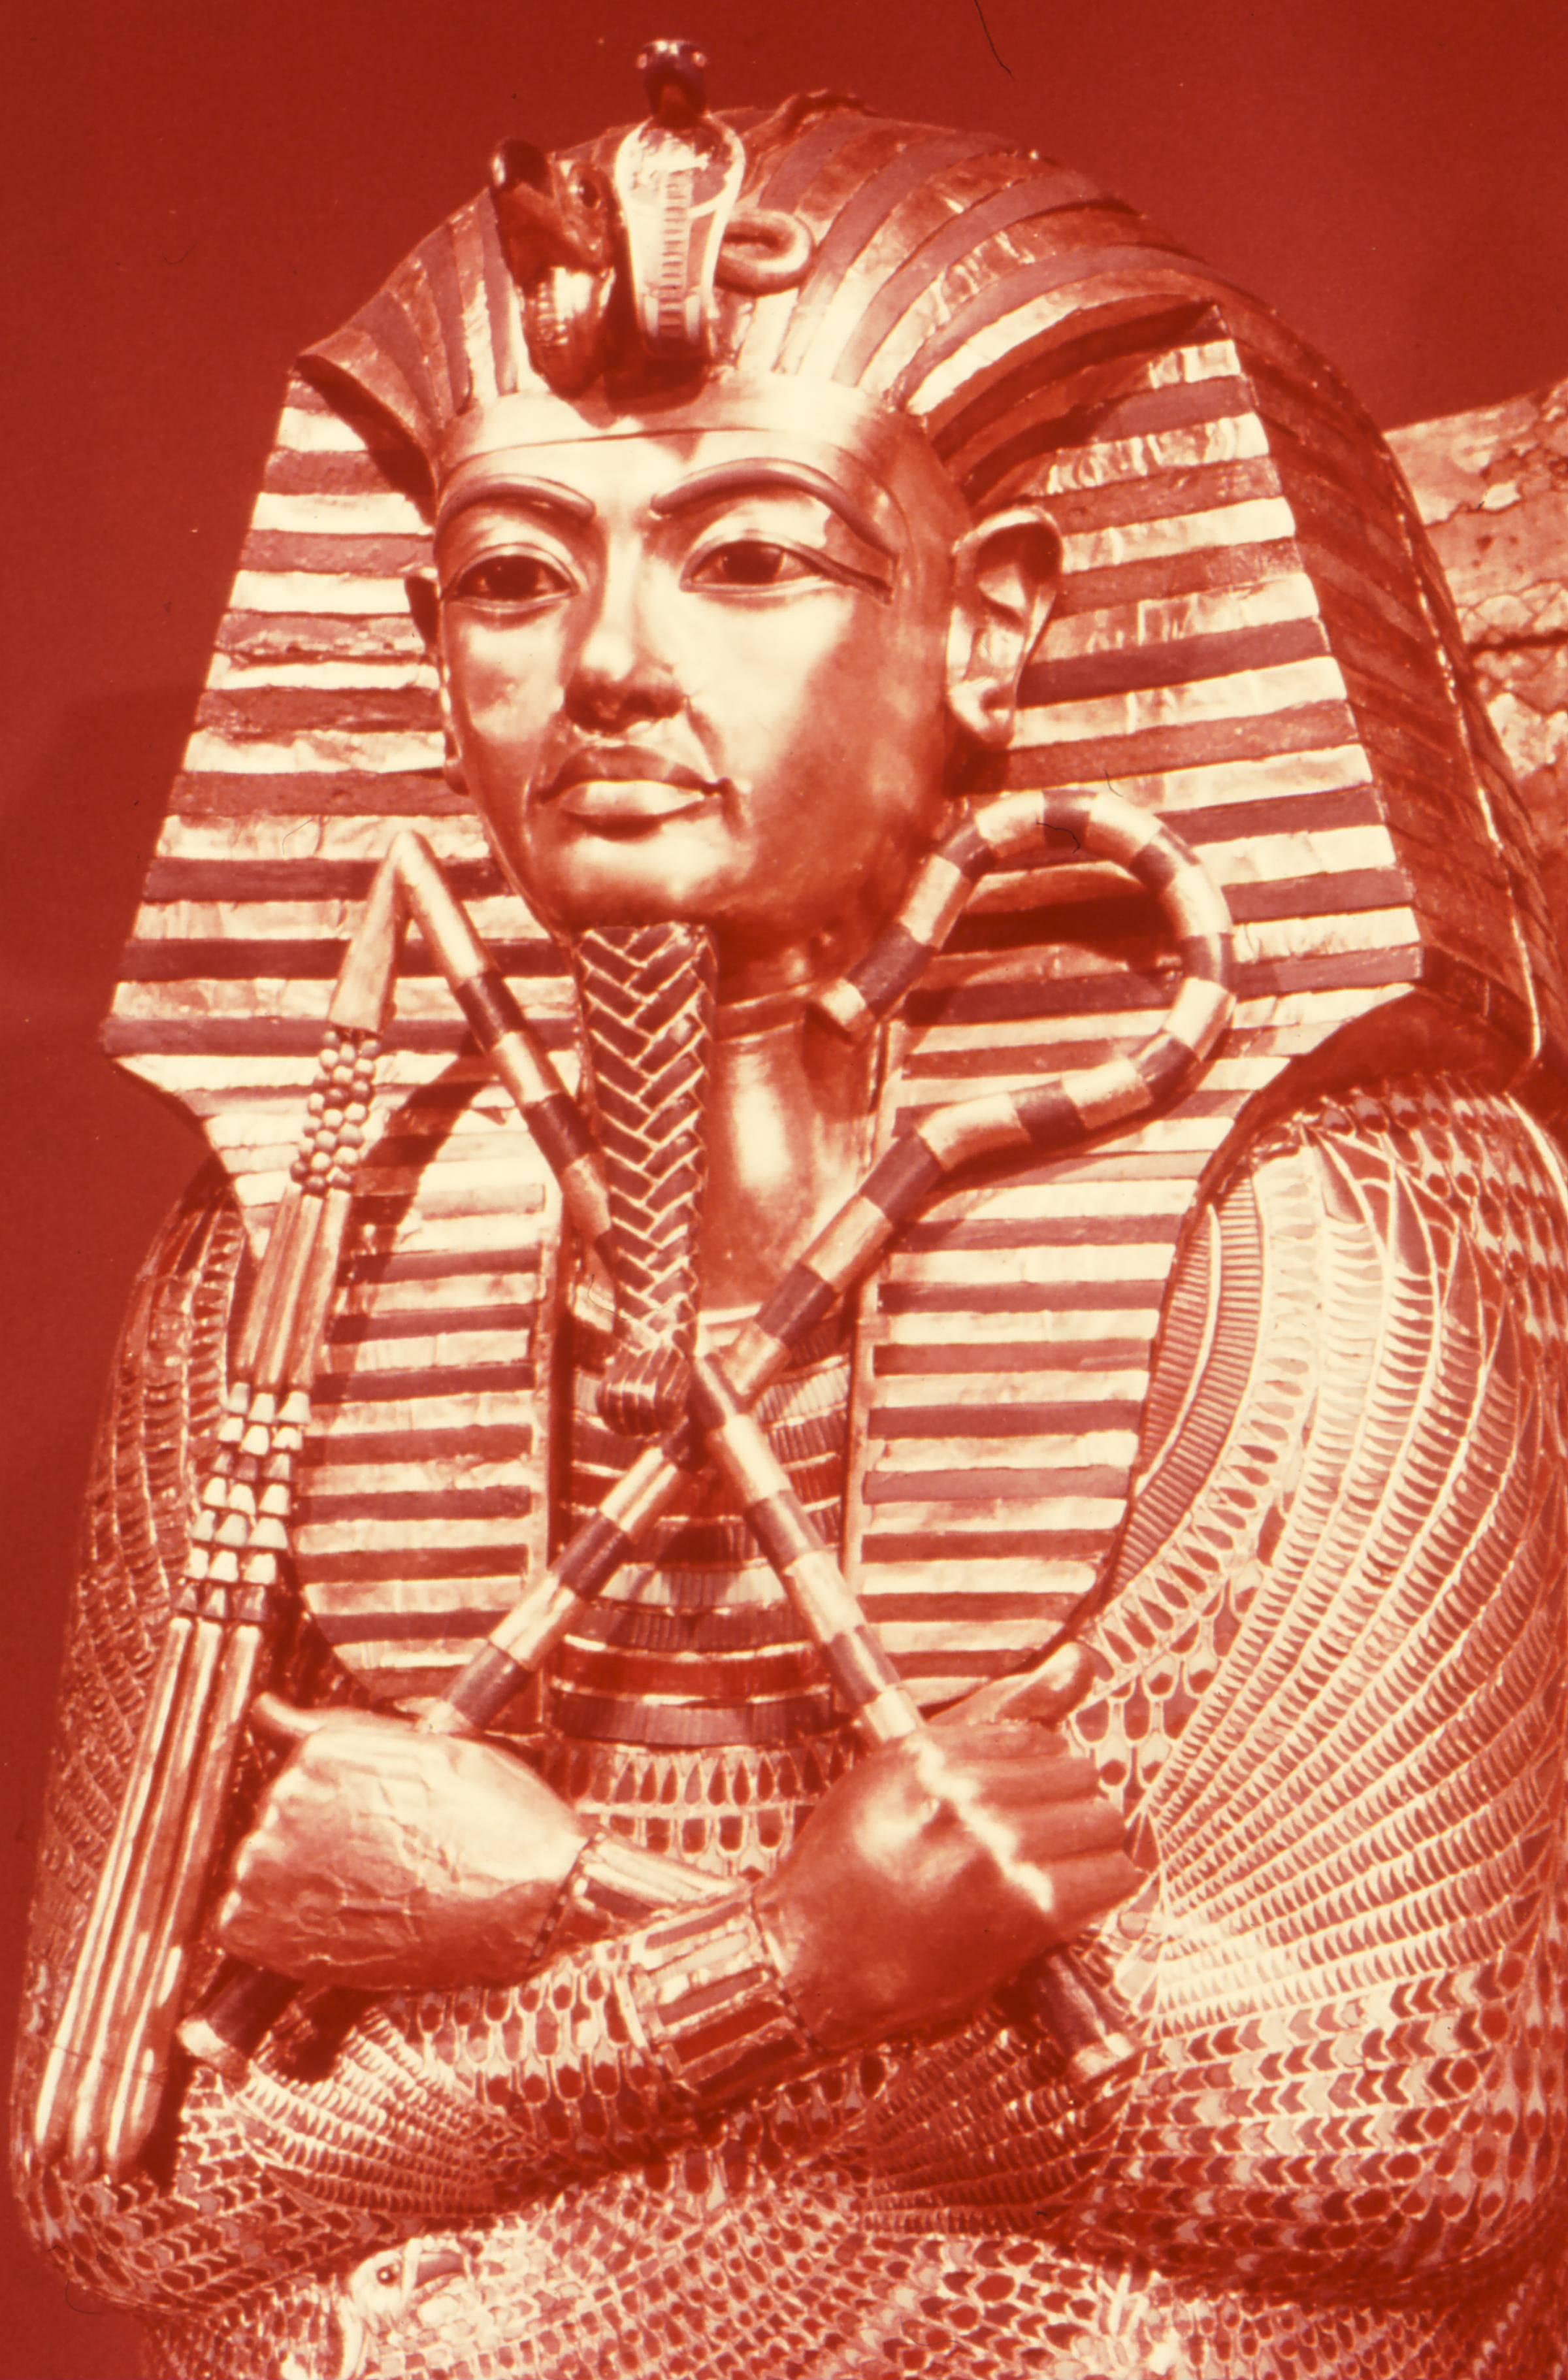 King Tut Mummy Egypt